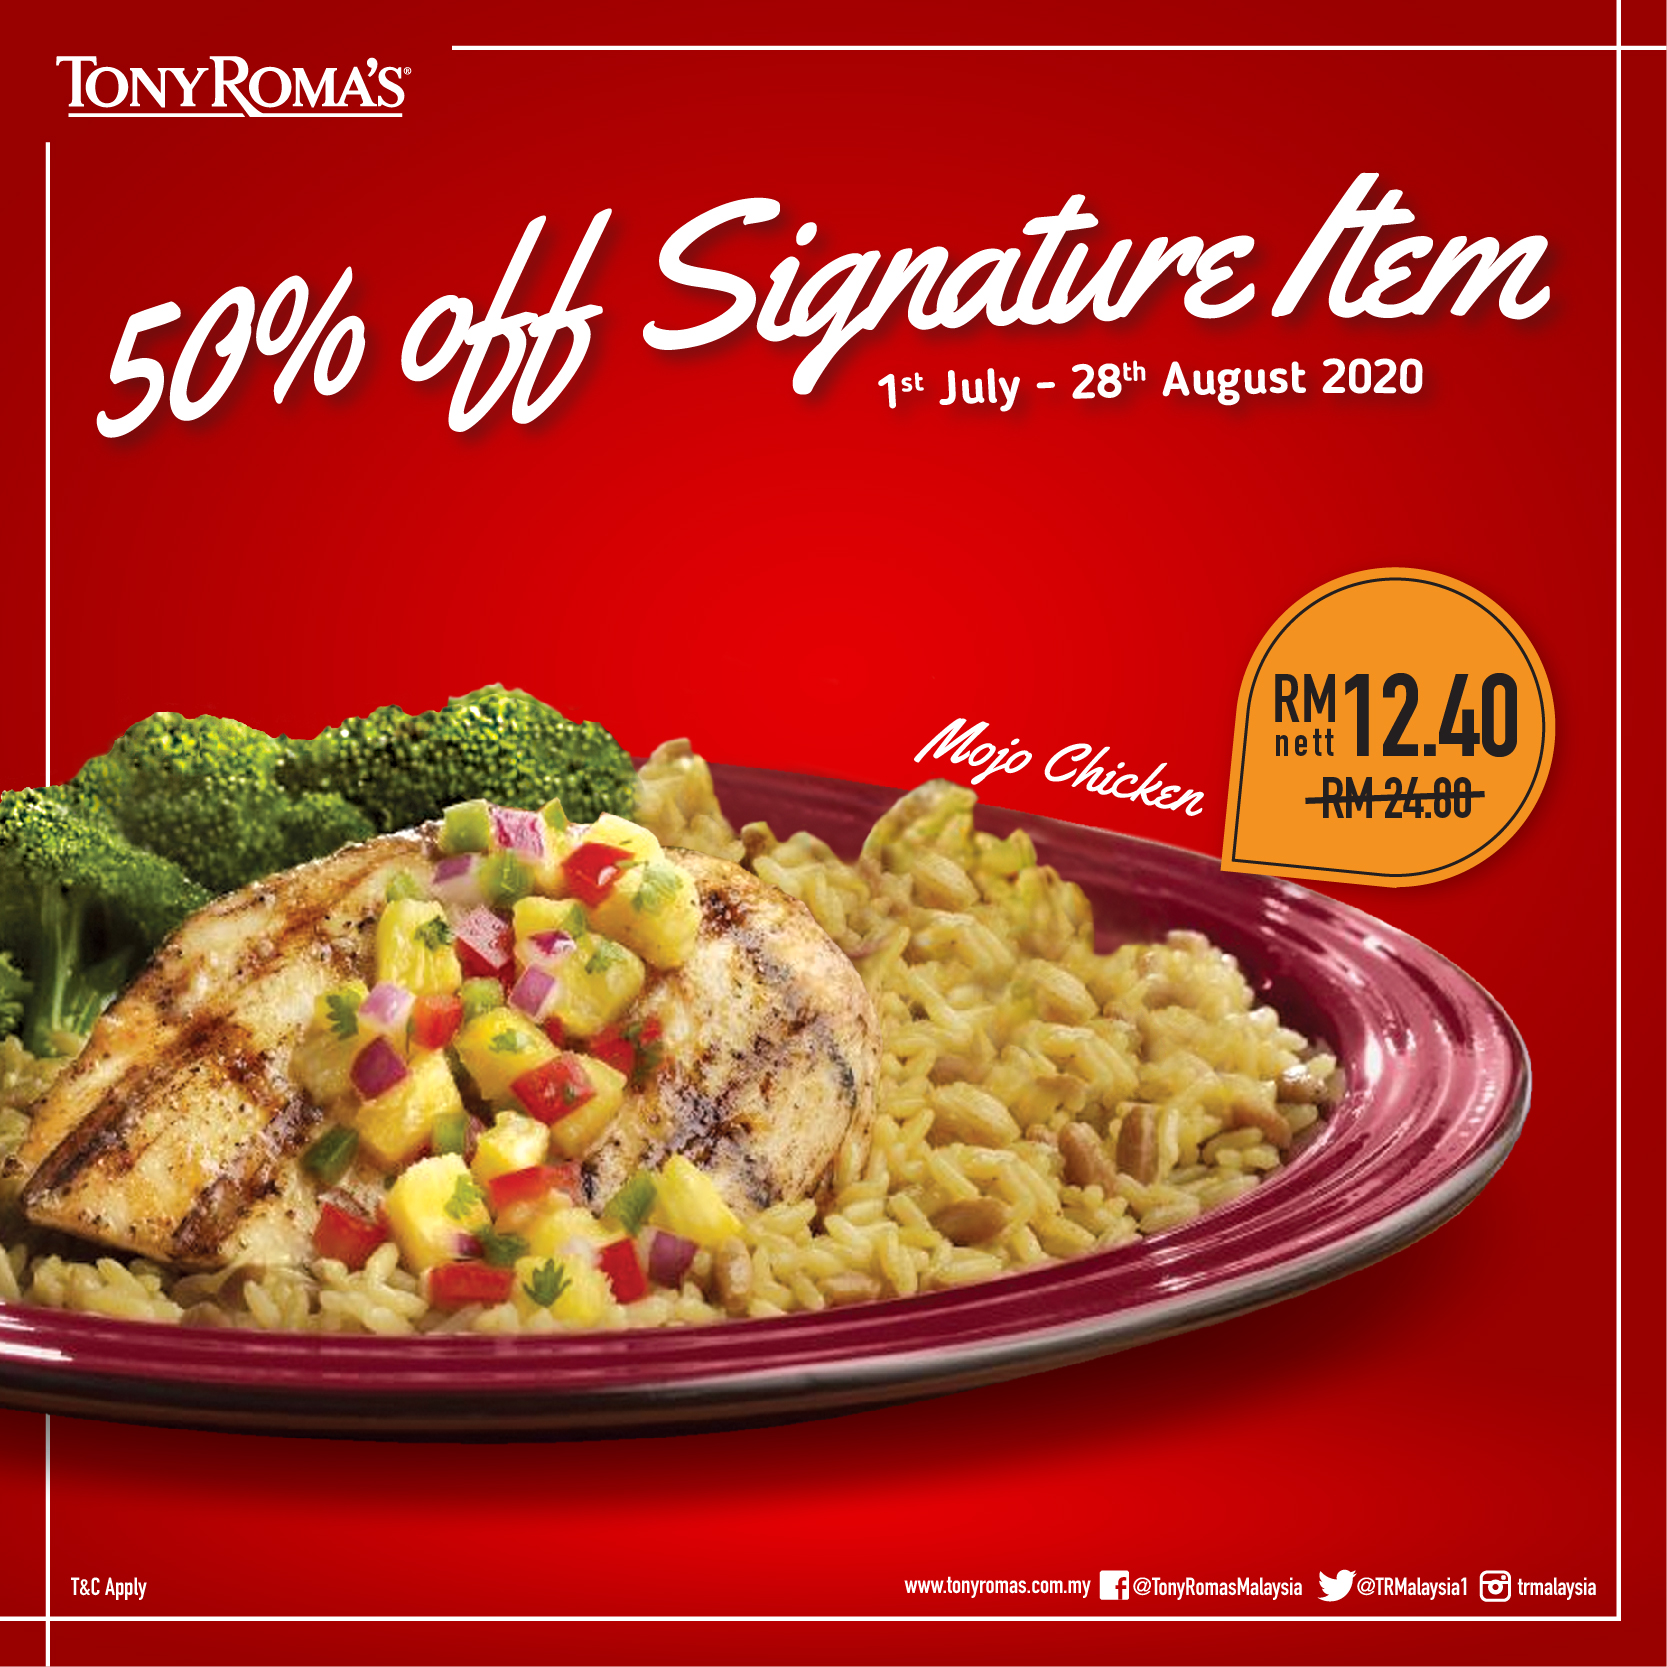 Tony-Romas-50-Off-Signature-Item-Mojo-Chicken